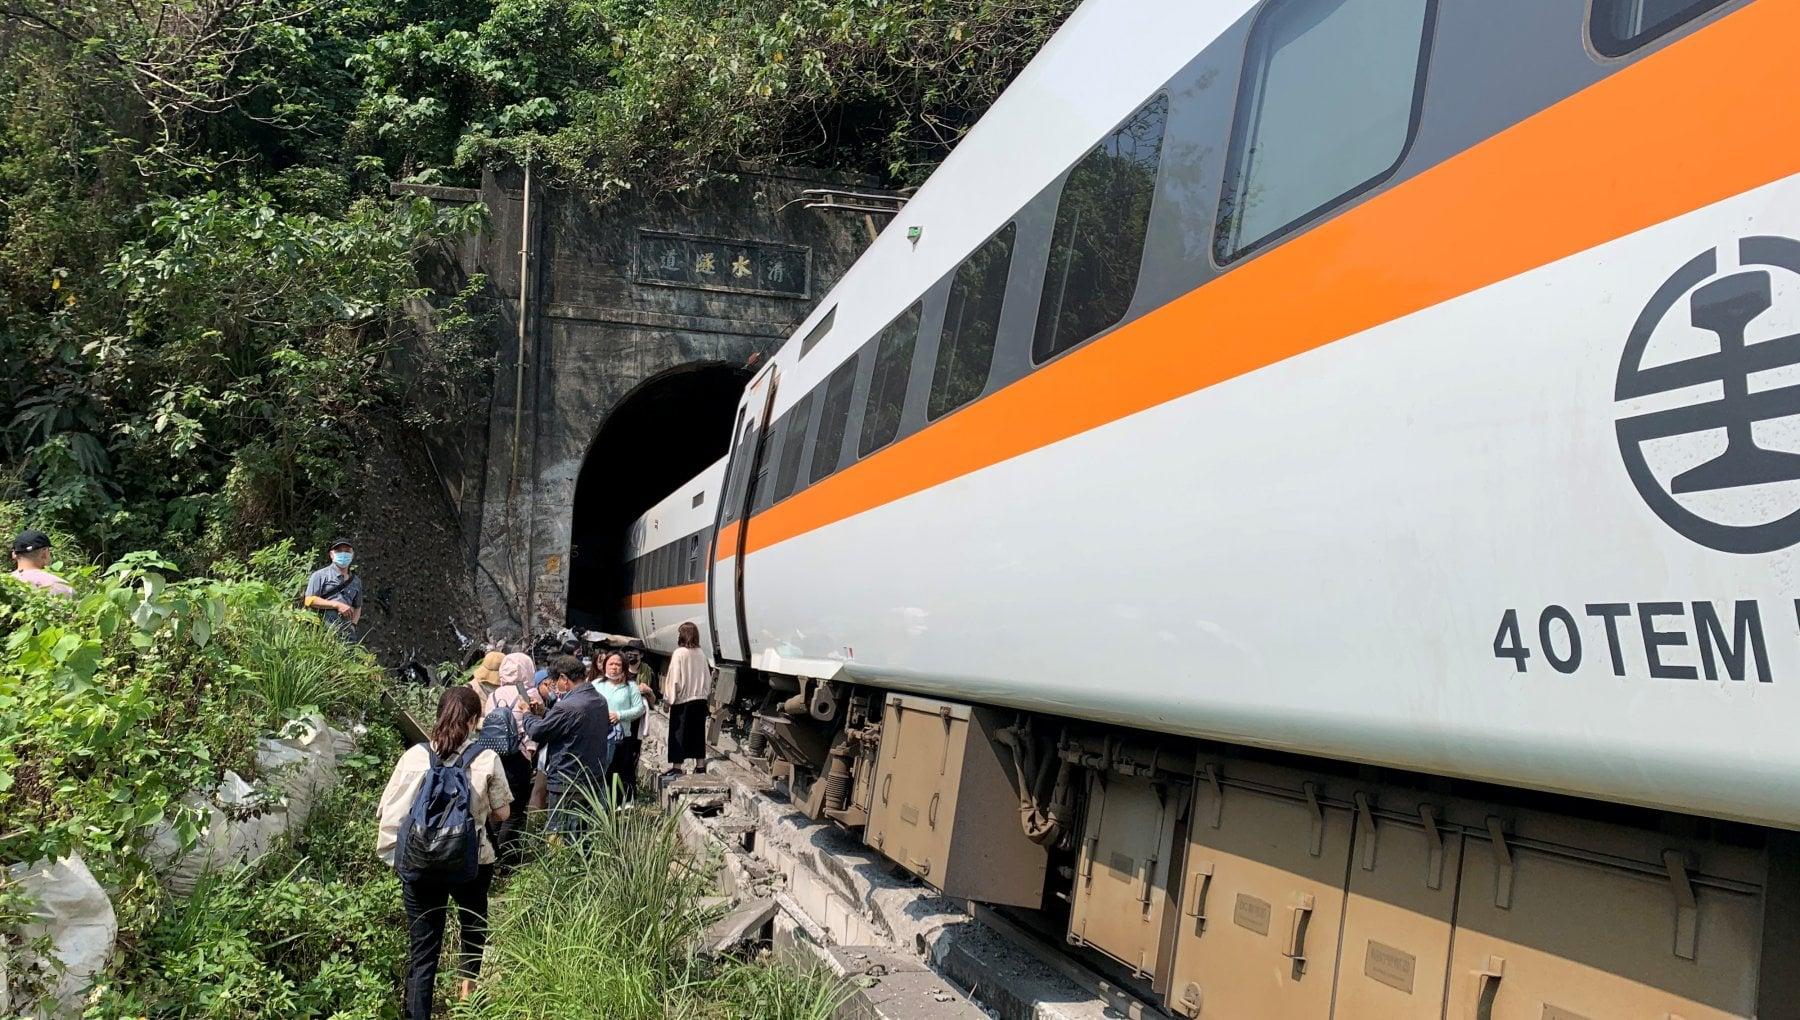 070223760 b855443a 8d63 446e b236 a8d2268f0135 - Taiwan: almeno 36 morti in deragliamento, si teme una strage